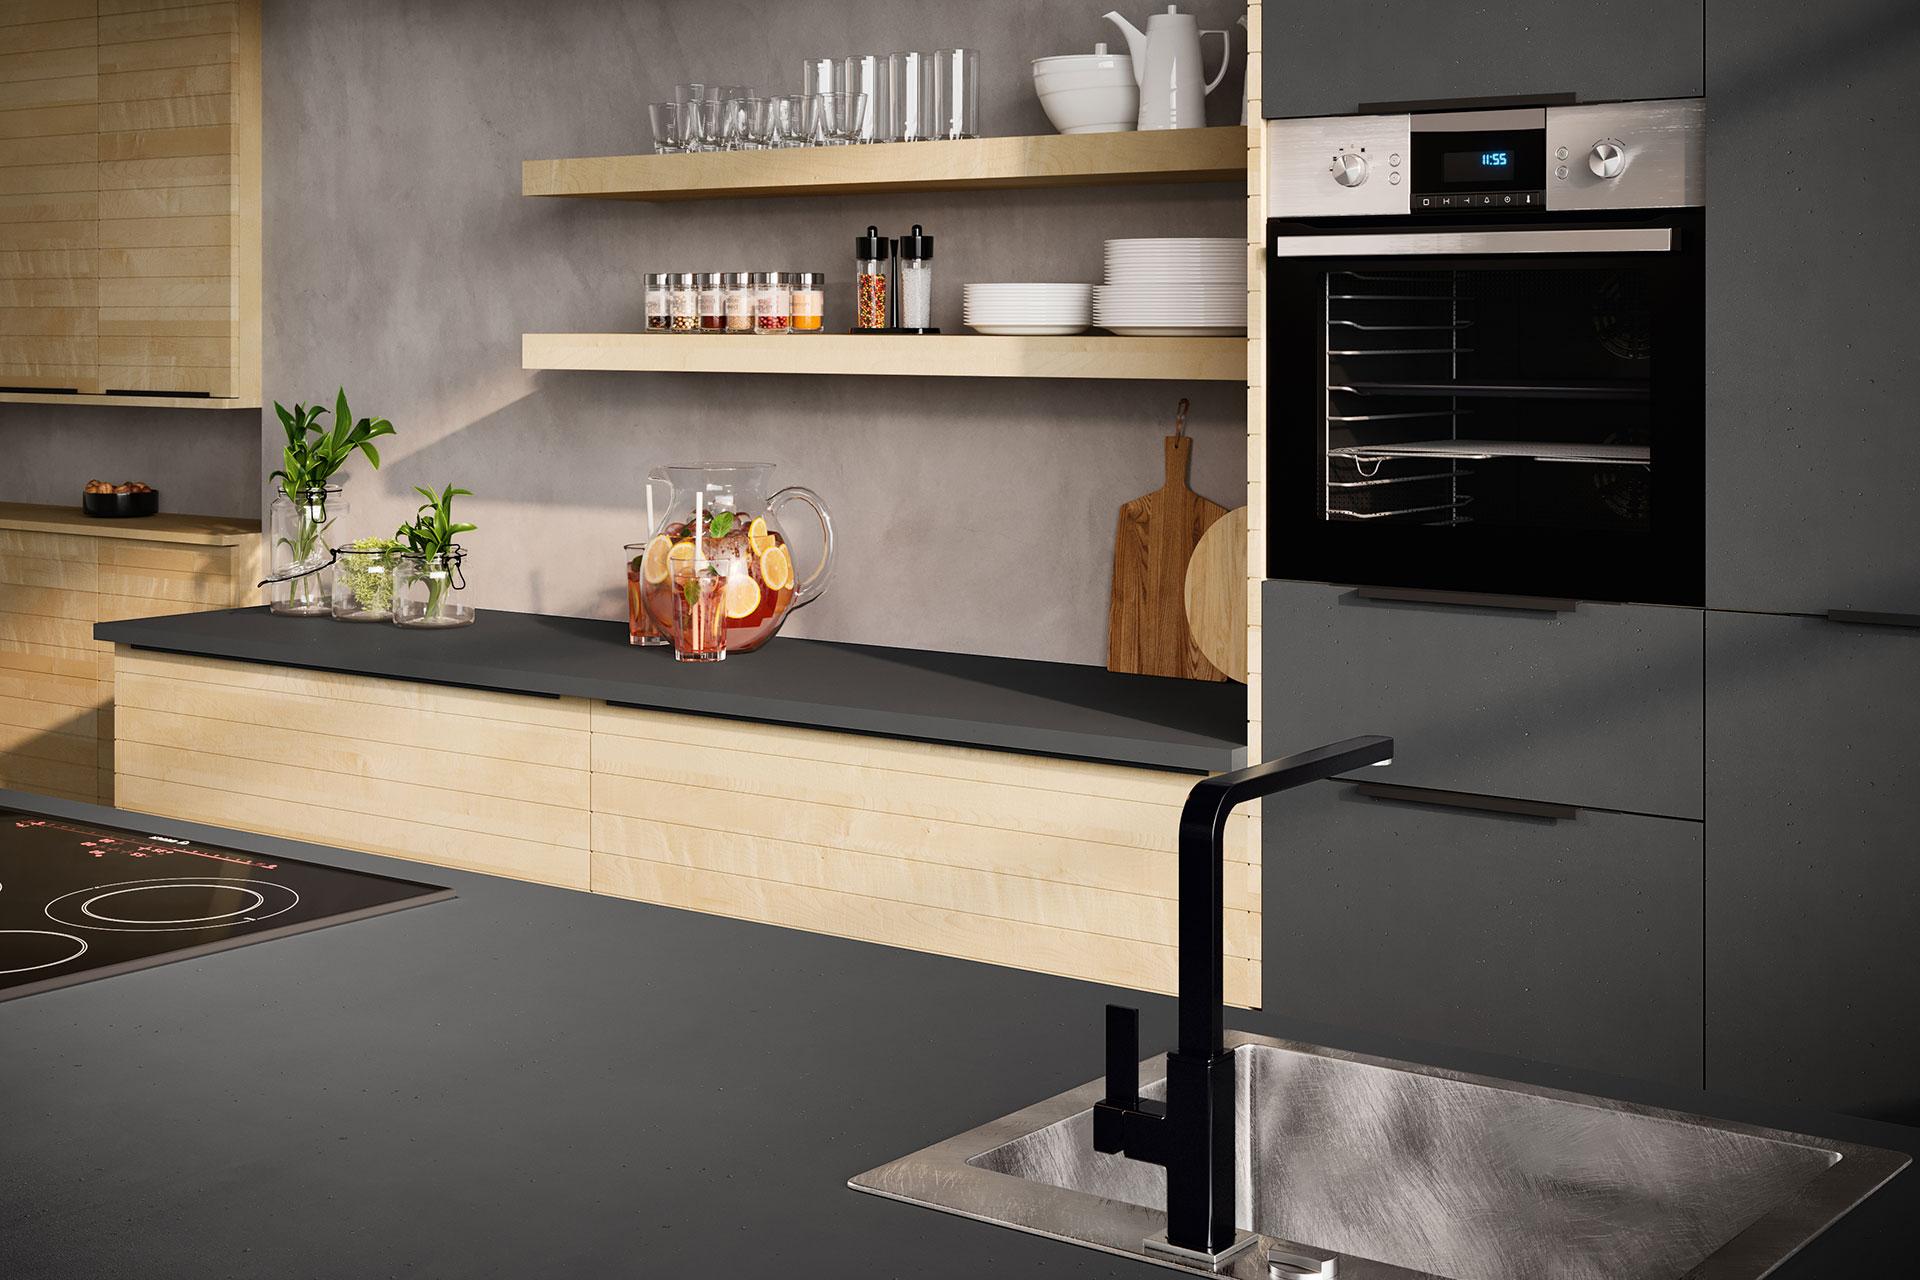 Modell Q-LINE Detail Kücheninsel und Backofenschrank, Oster Küche